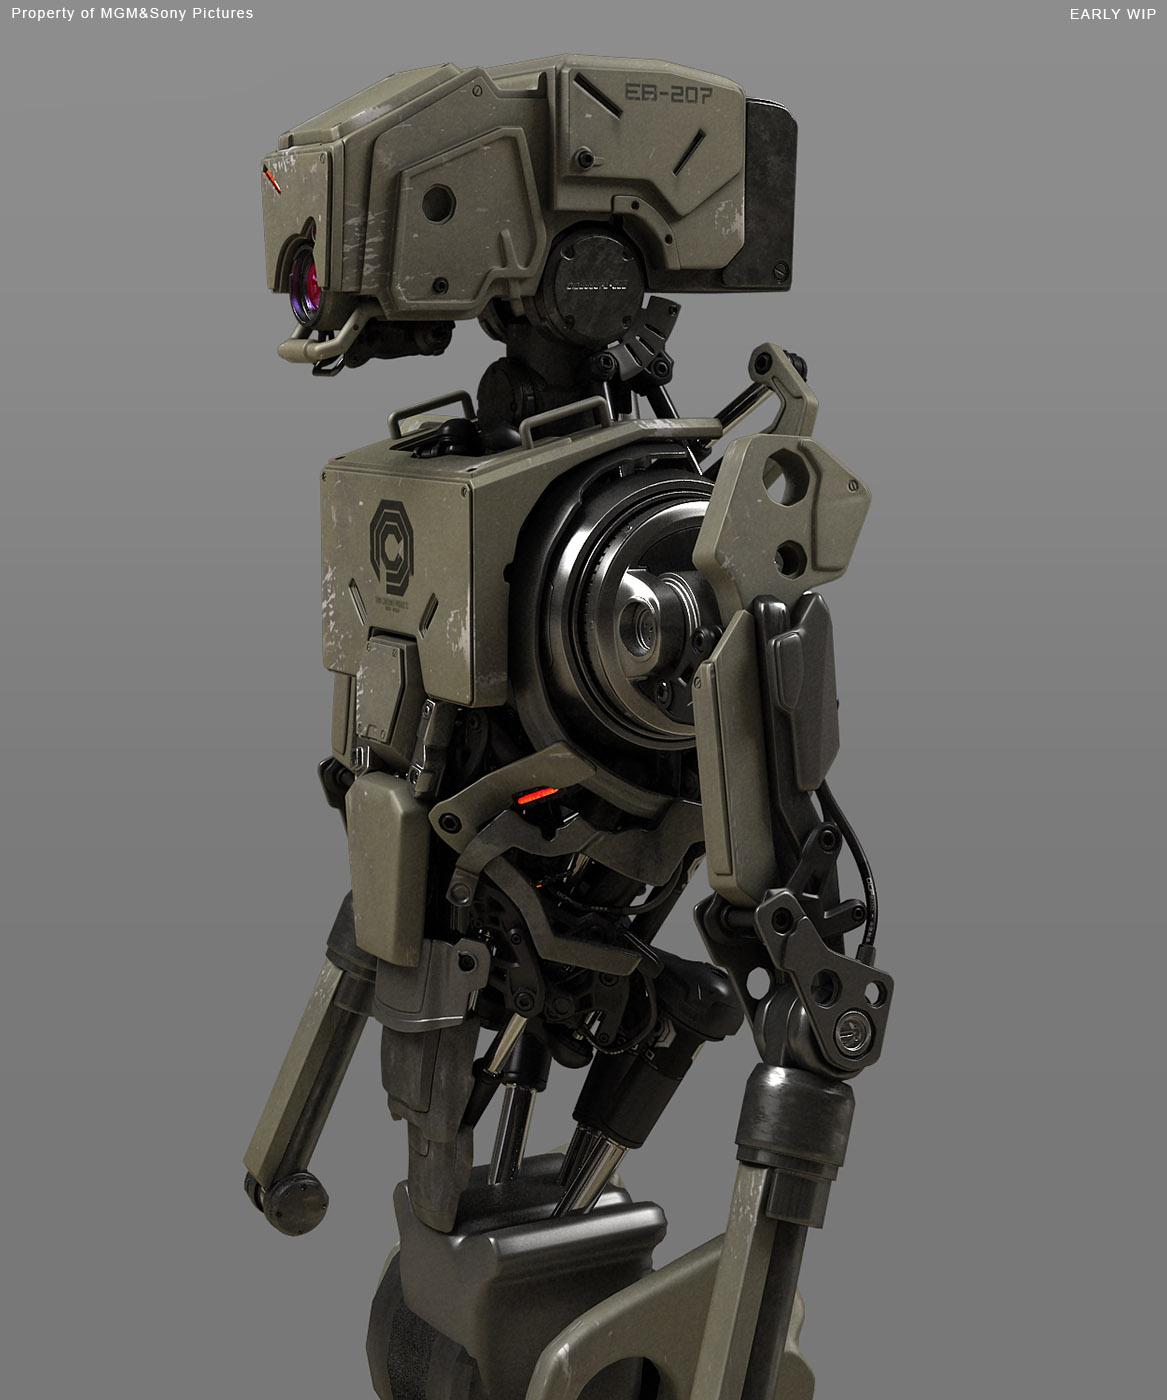 Robocop_Illustration_EB207_V03_Torso_FDeMartini_020234.jpg